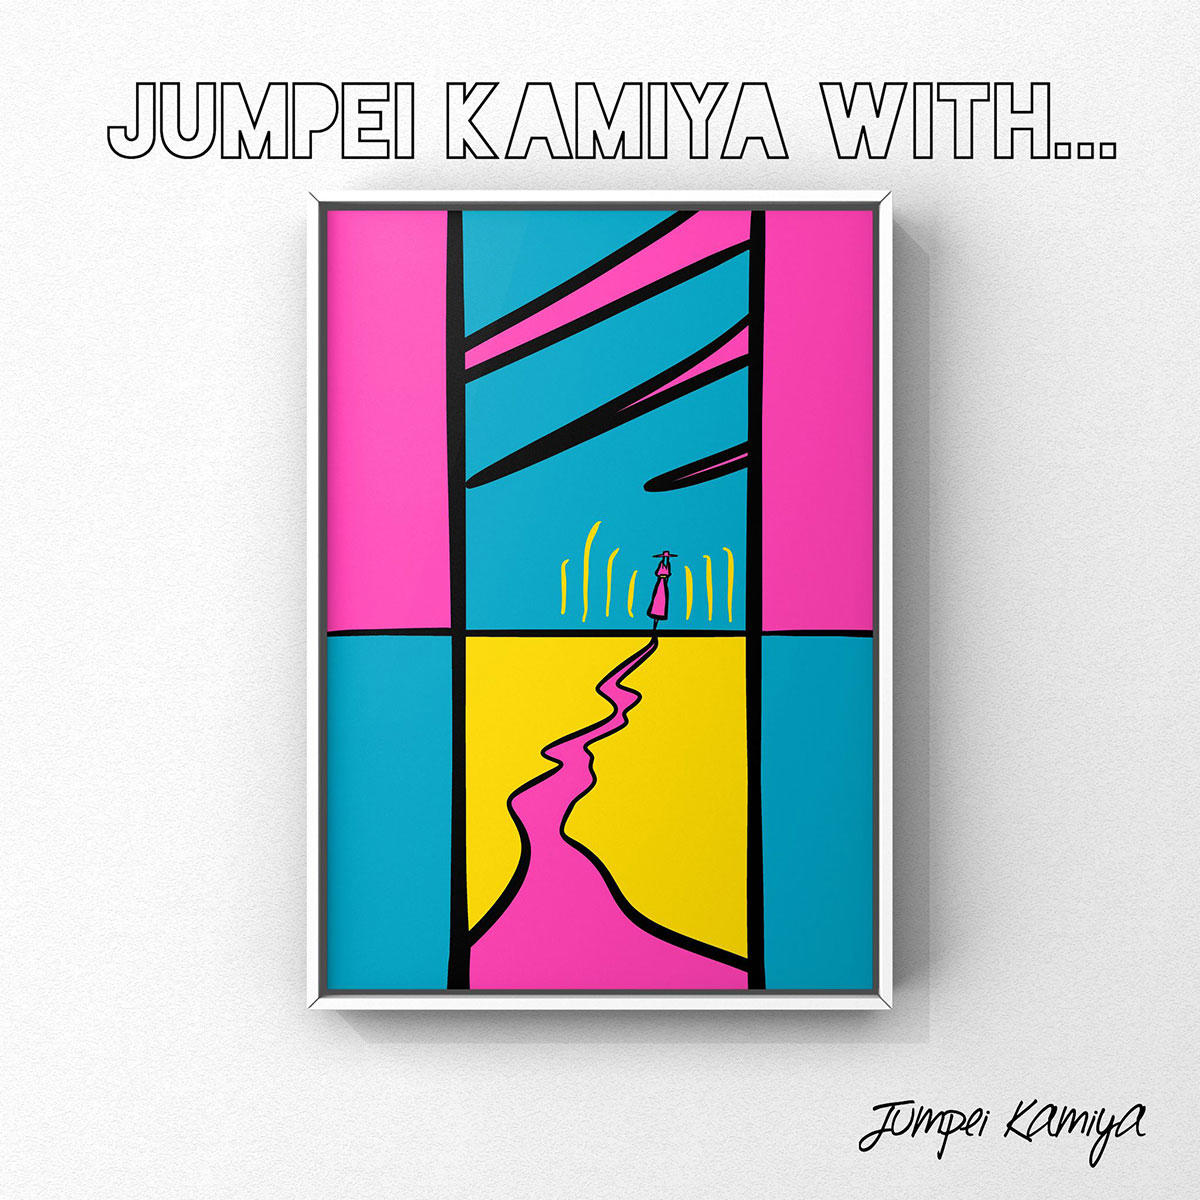 kamiyajumpei_jk_with_1200_20200729.jpg